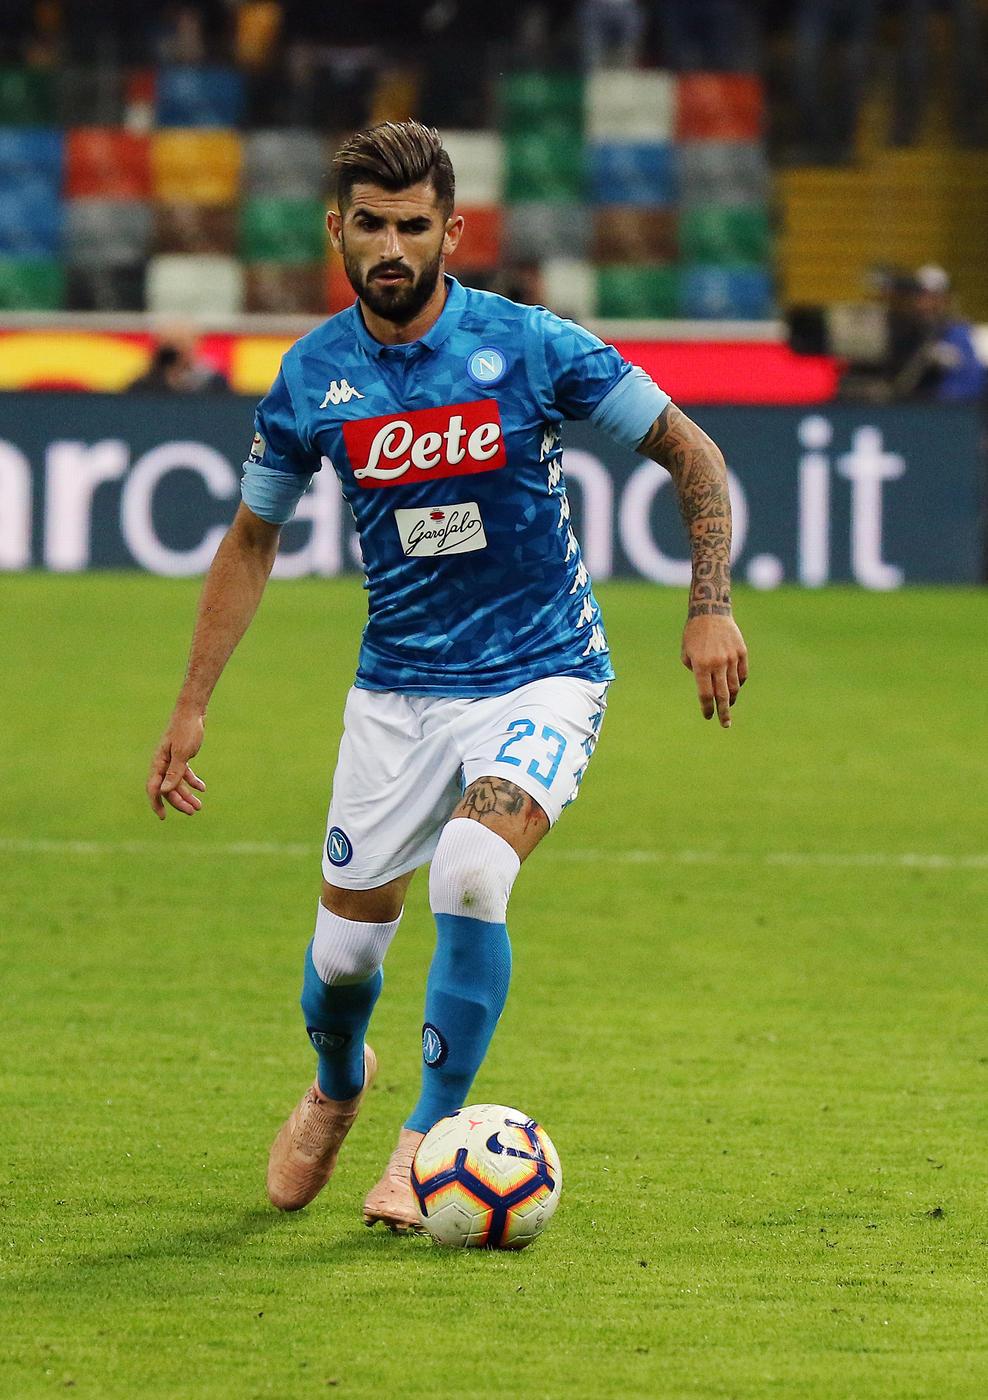 Udinese-Napoli 0-3